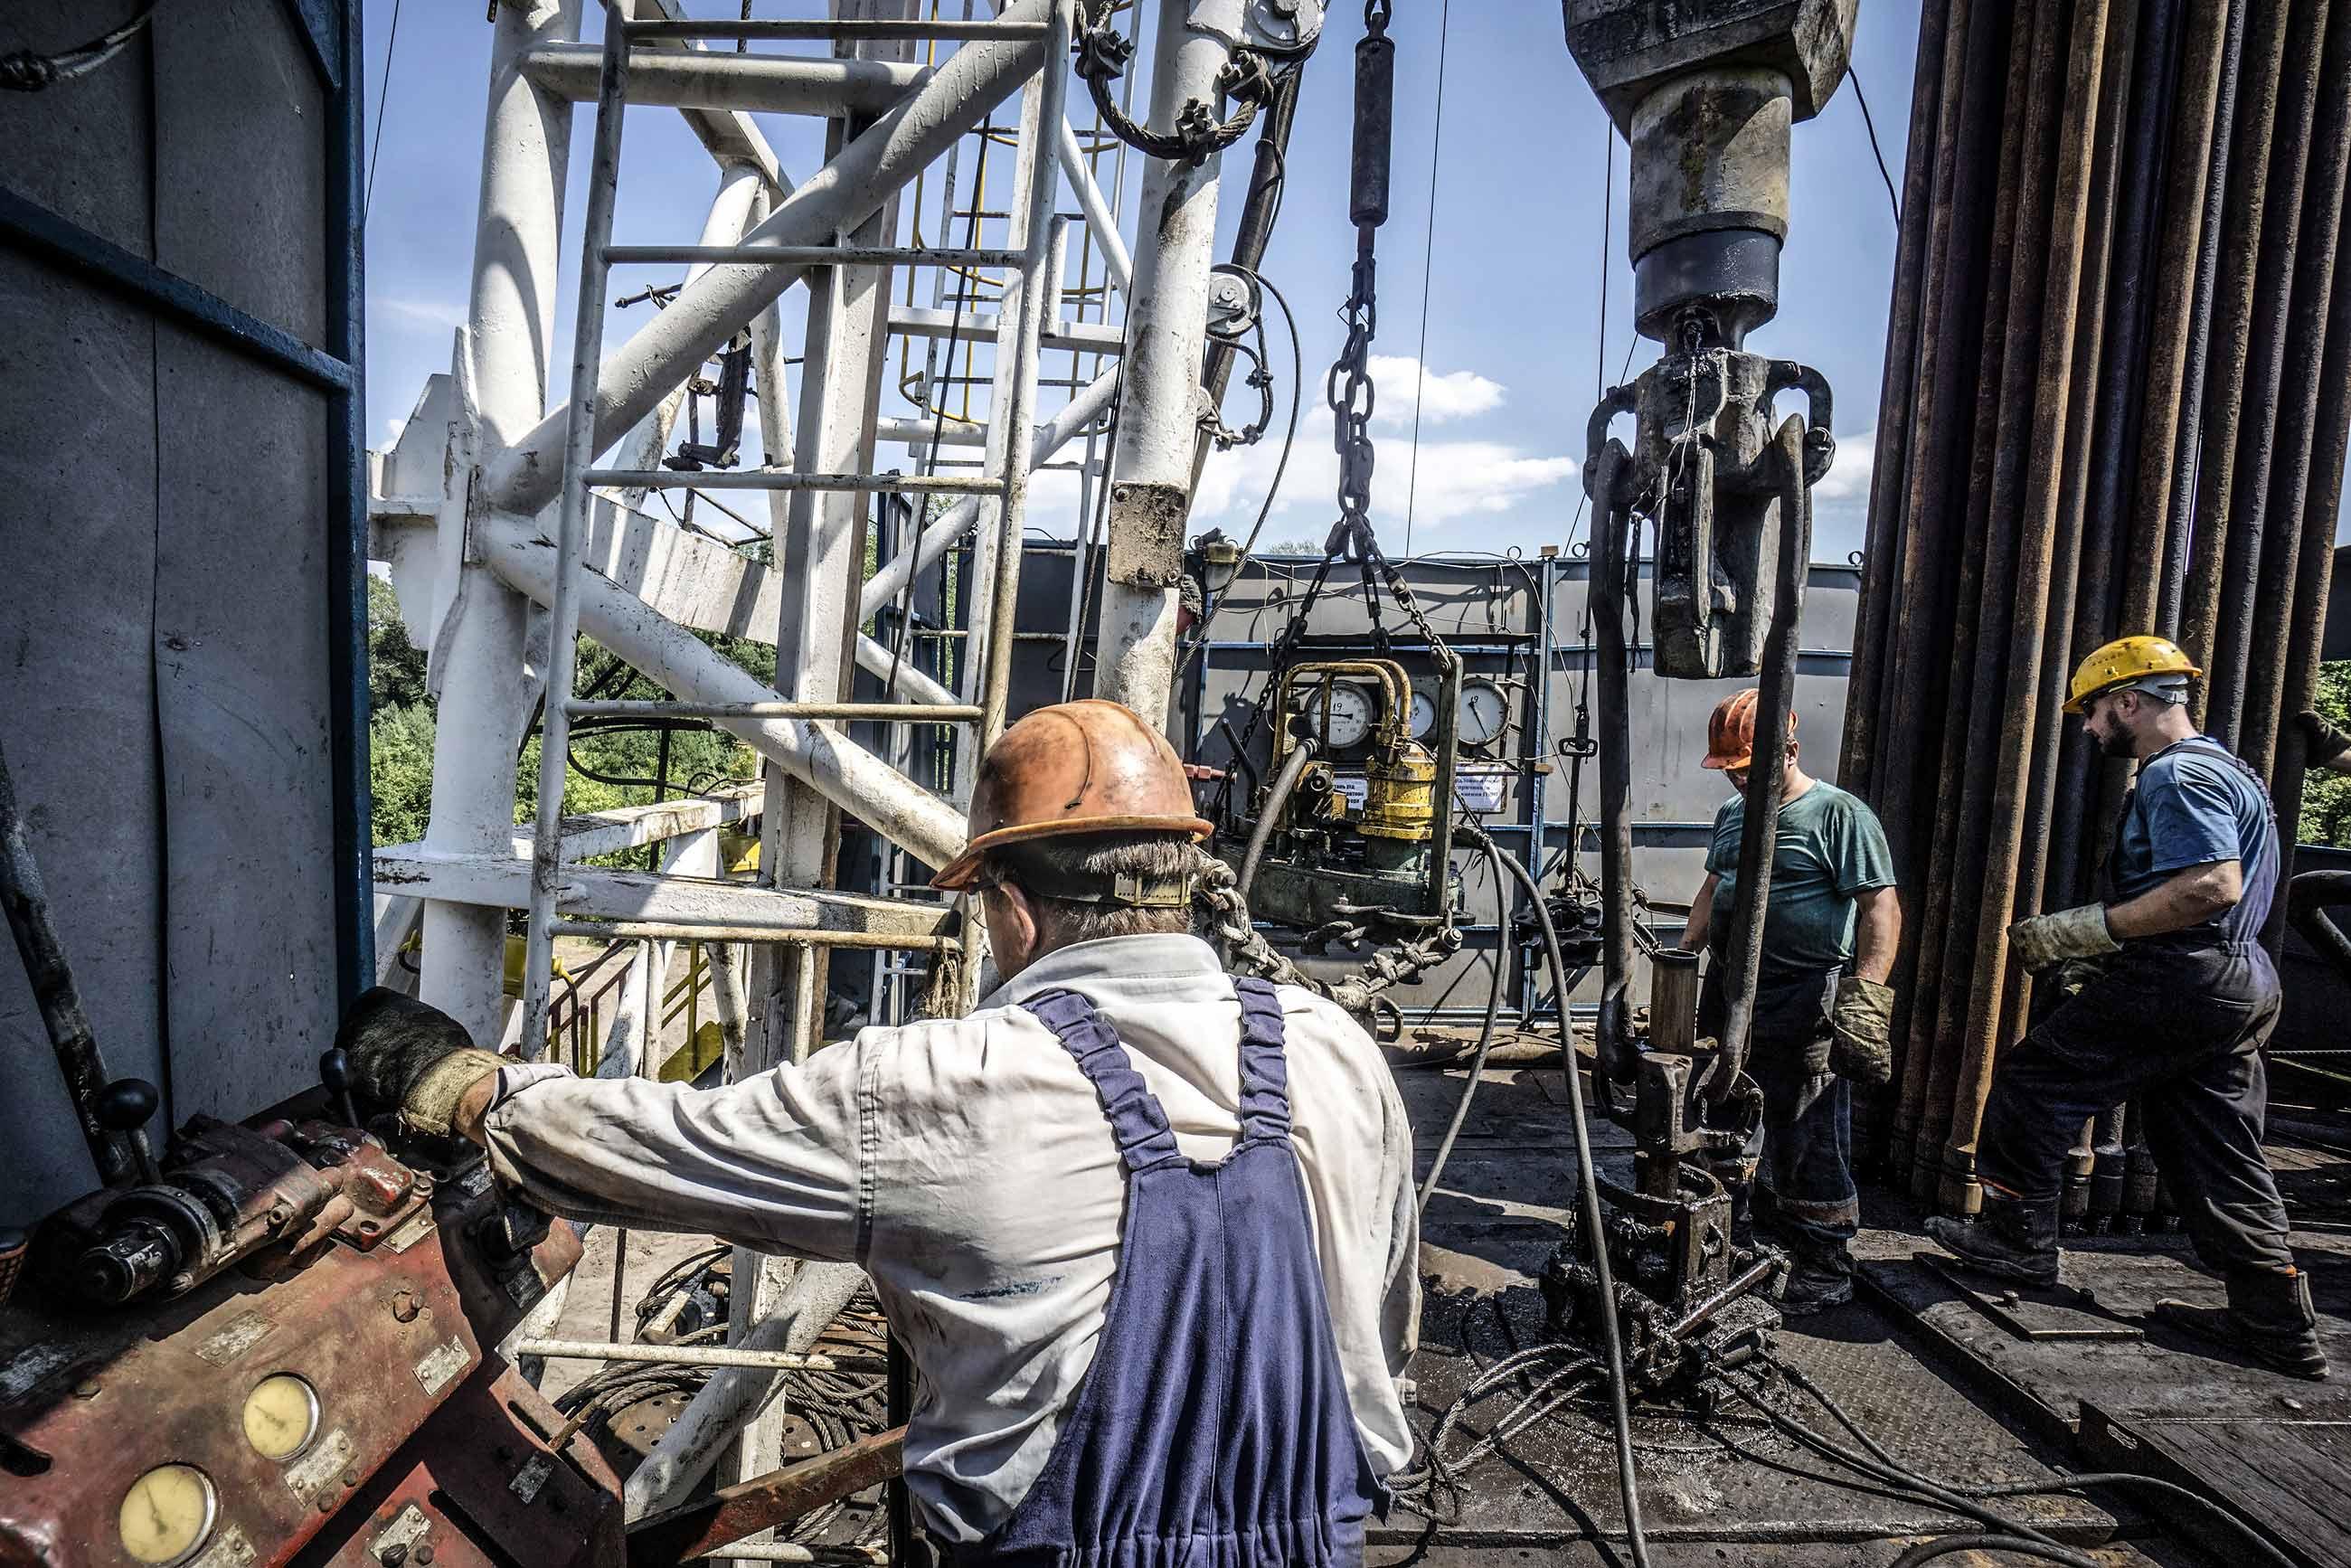 gettyimages 821523246 - <b>Росія та Угорщина підписали новий контракт на газ.</b> Це погана новина для України — і ось чому - Заборона